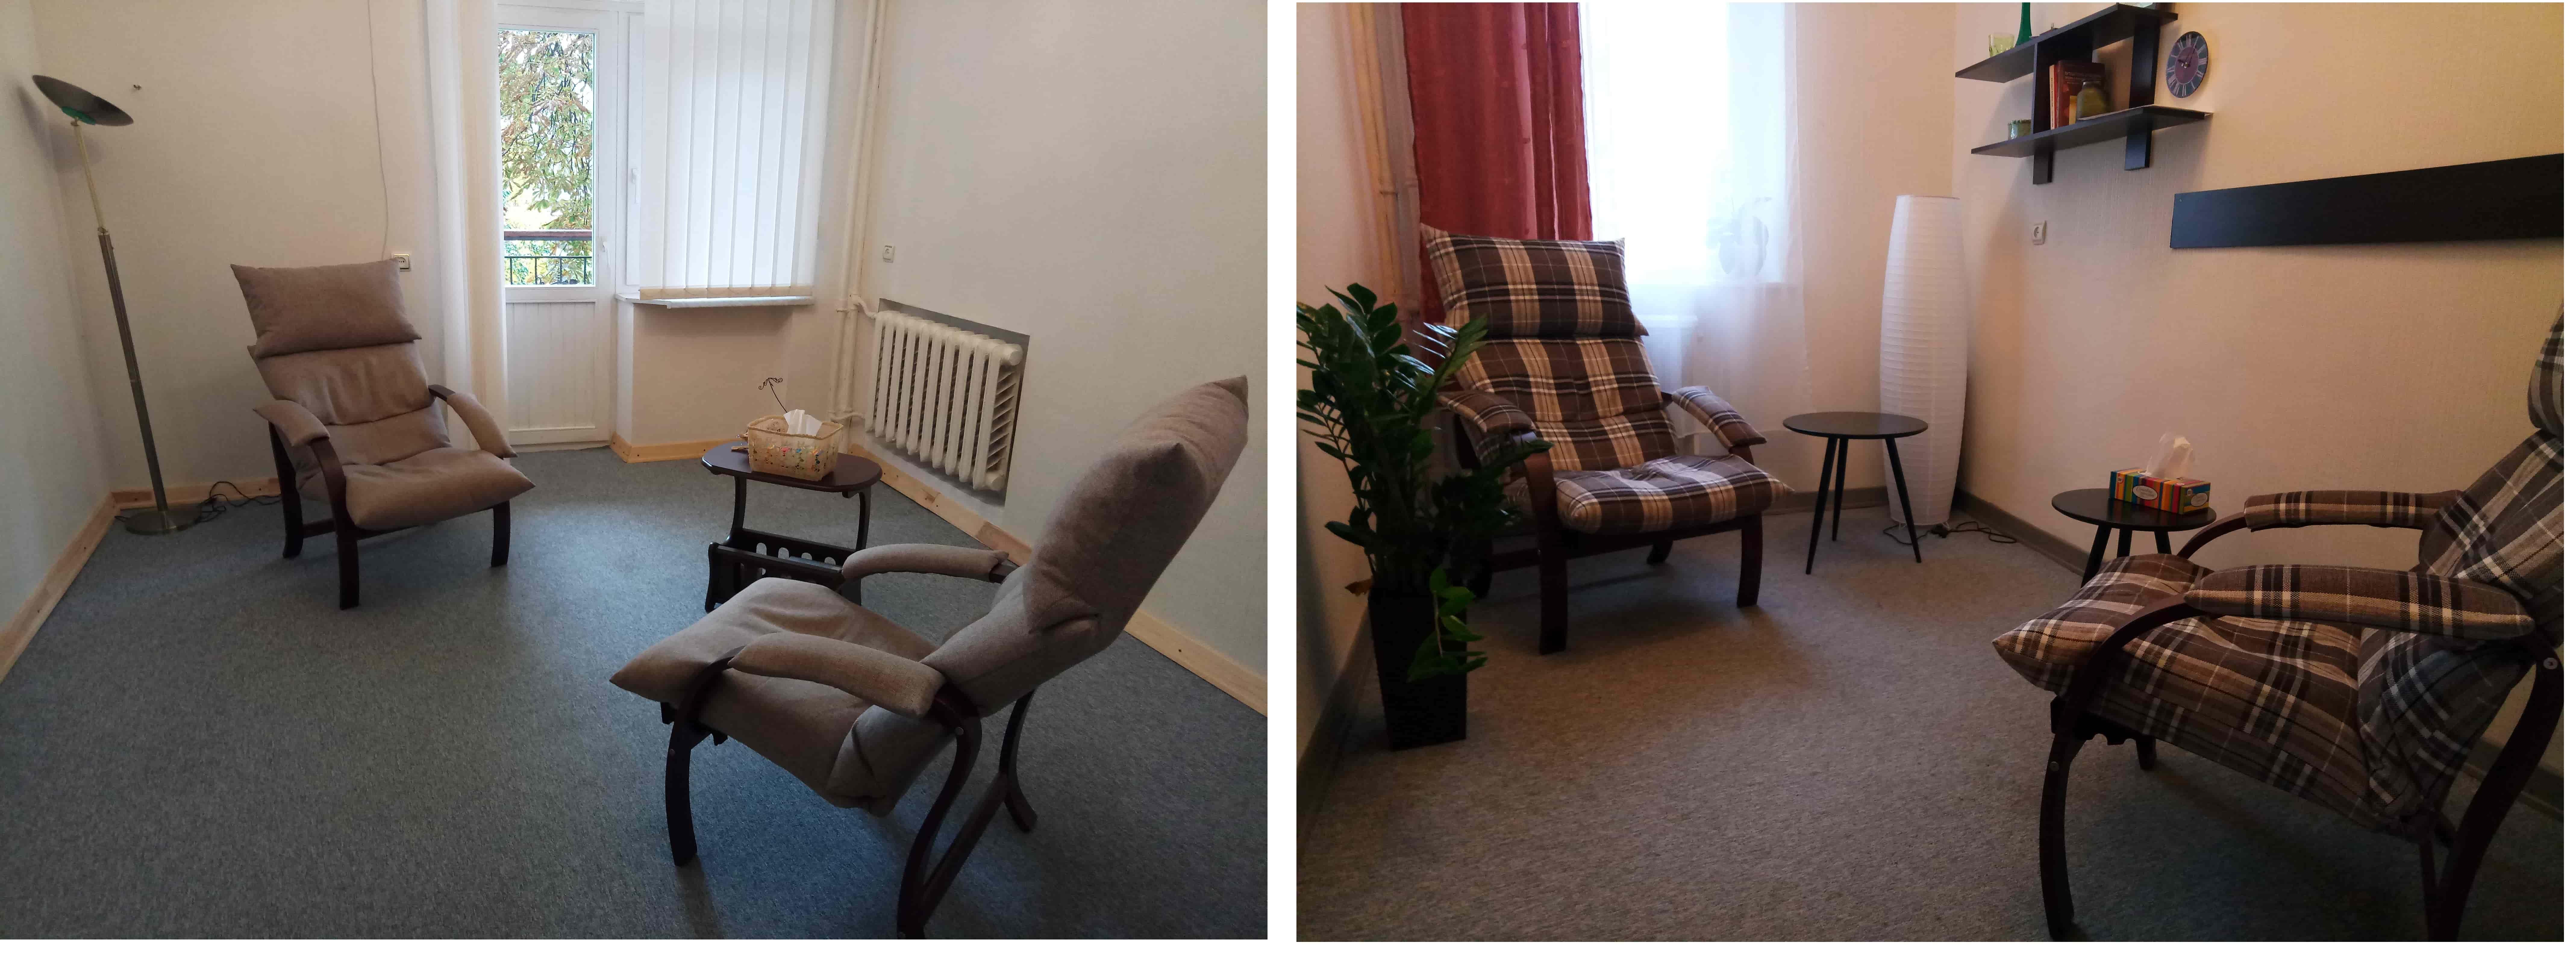 Аренда офиса психолога на час аренда офиса от 5 до 15 кв м москва